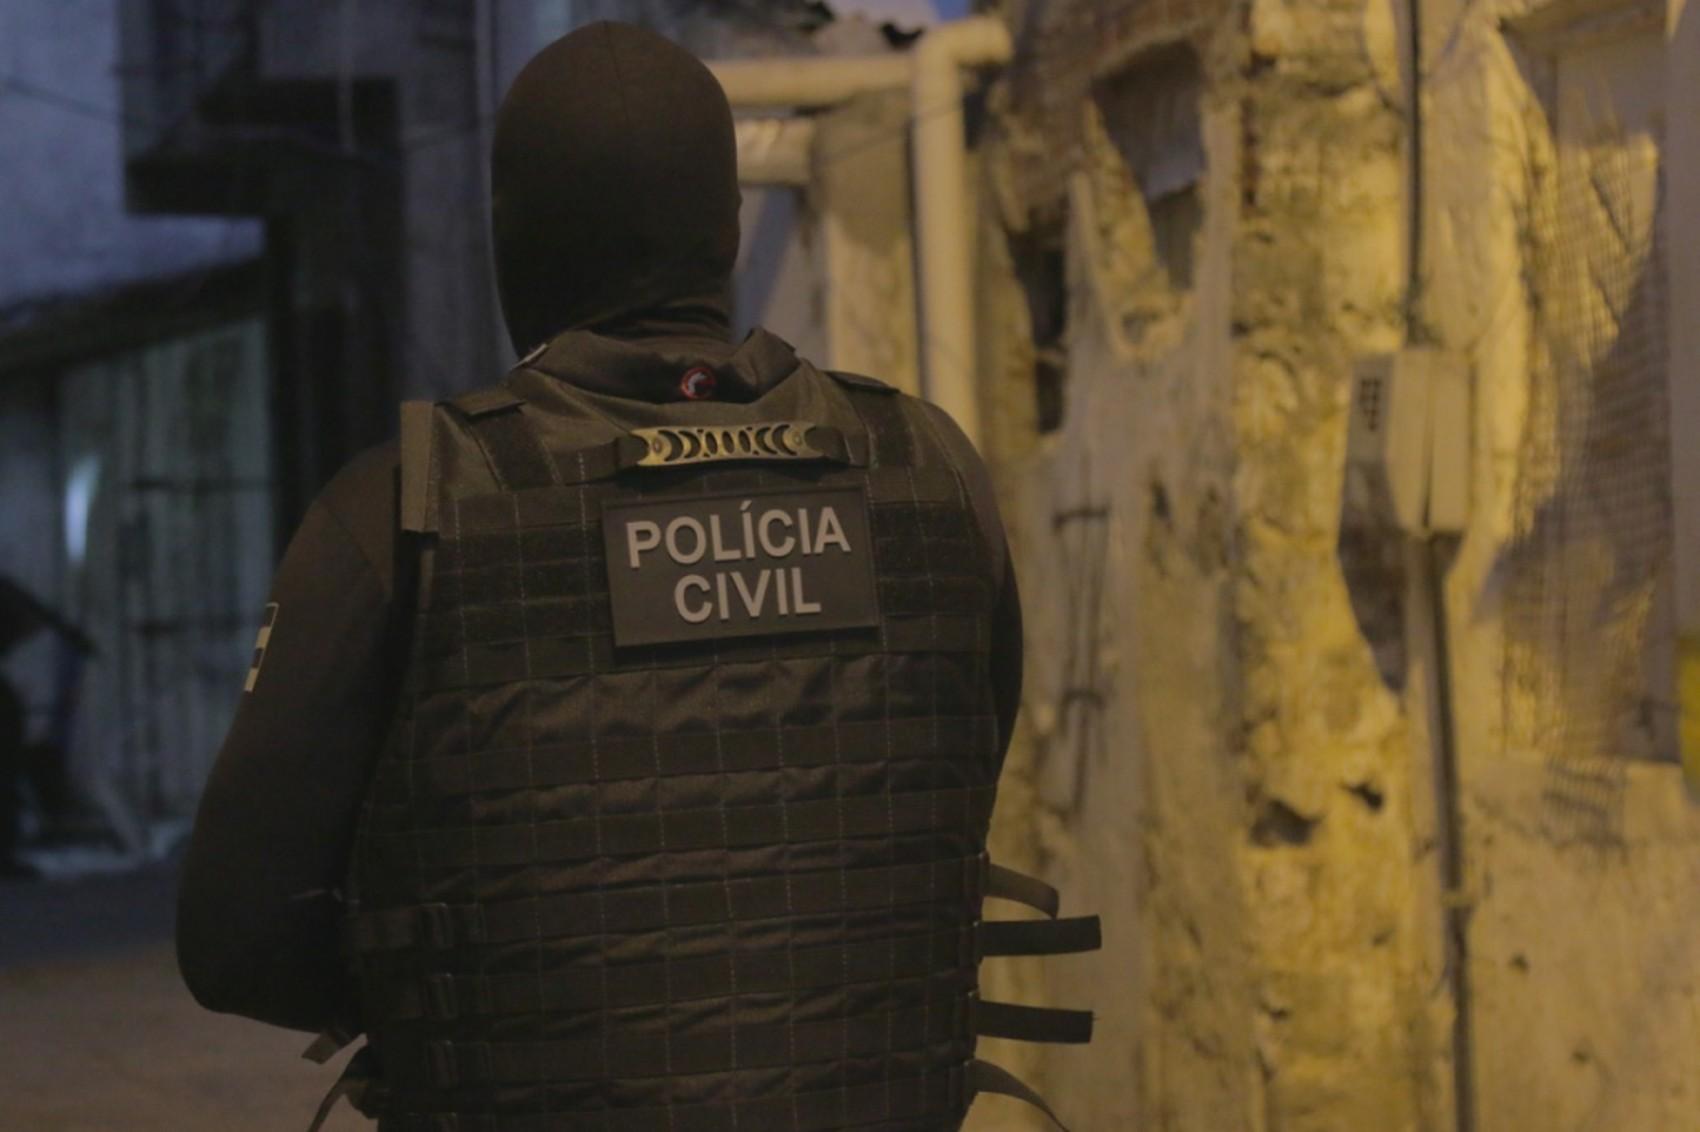 Suspeito de homicídio é preso durante operação policial em Maruim